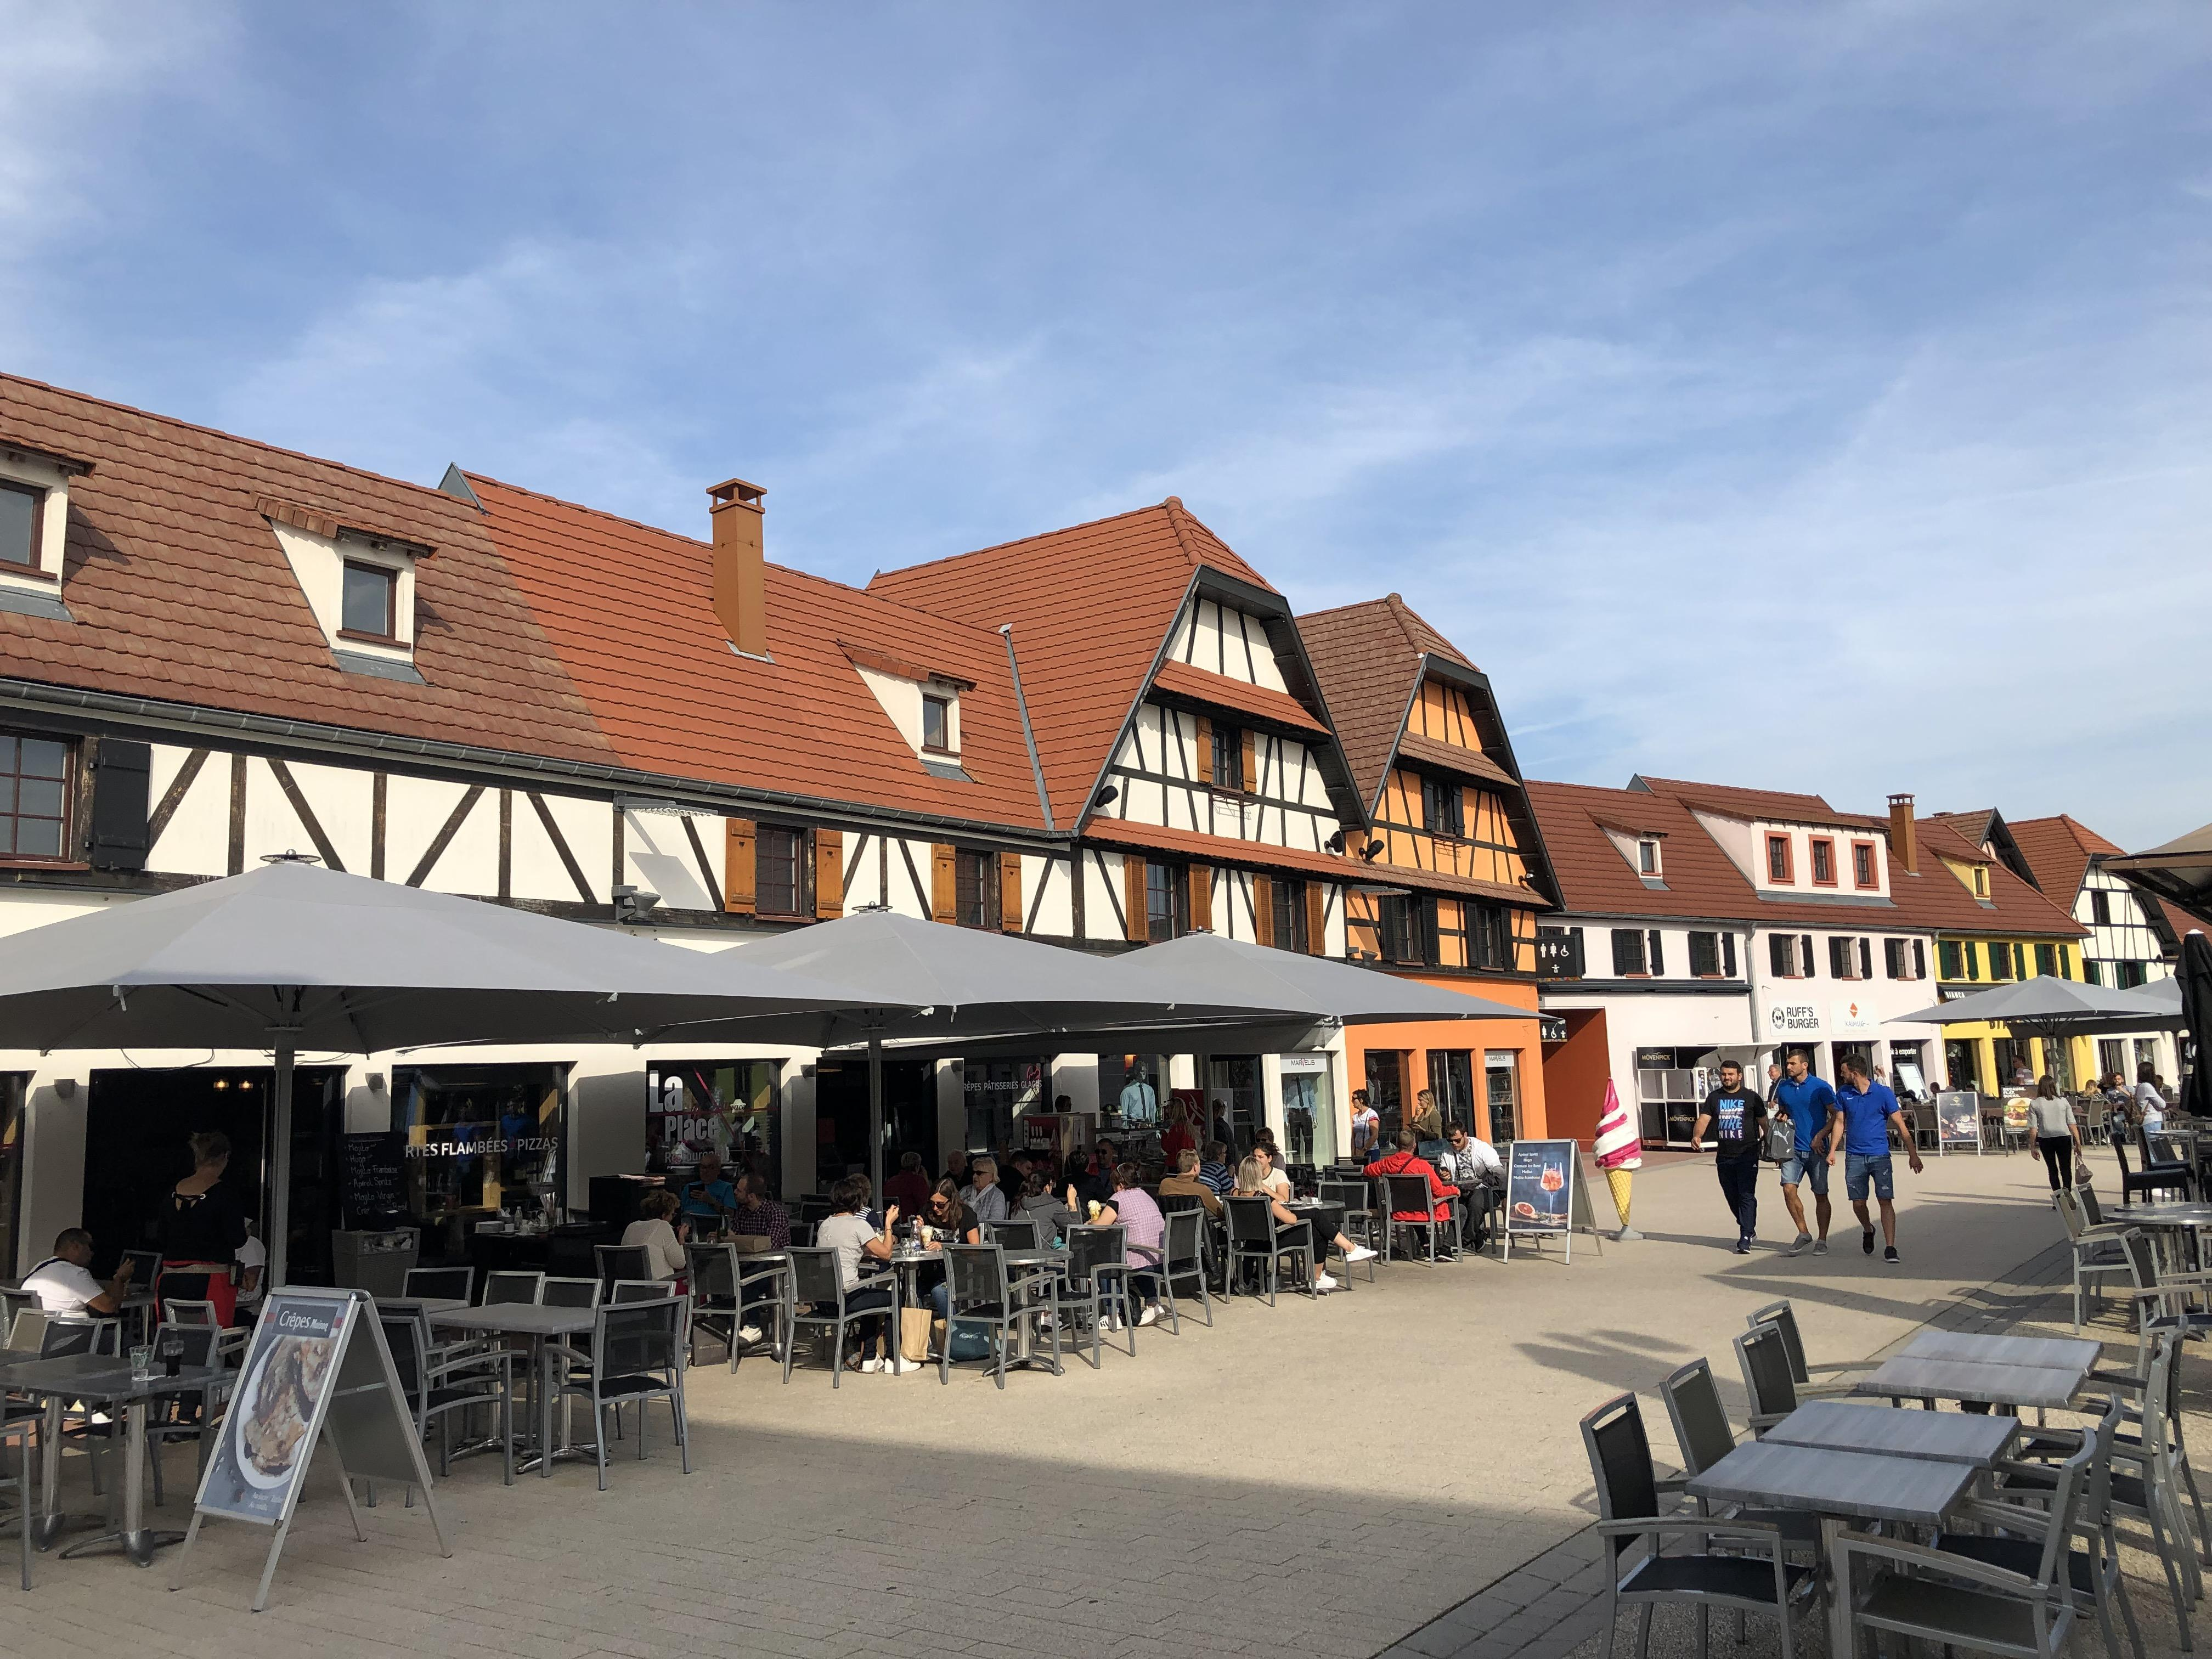 Le centre de marques compte des espaces de restauration et de détente.